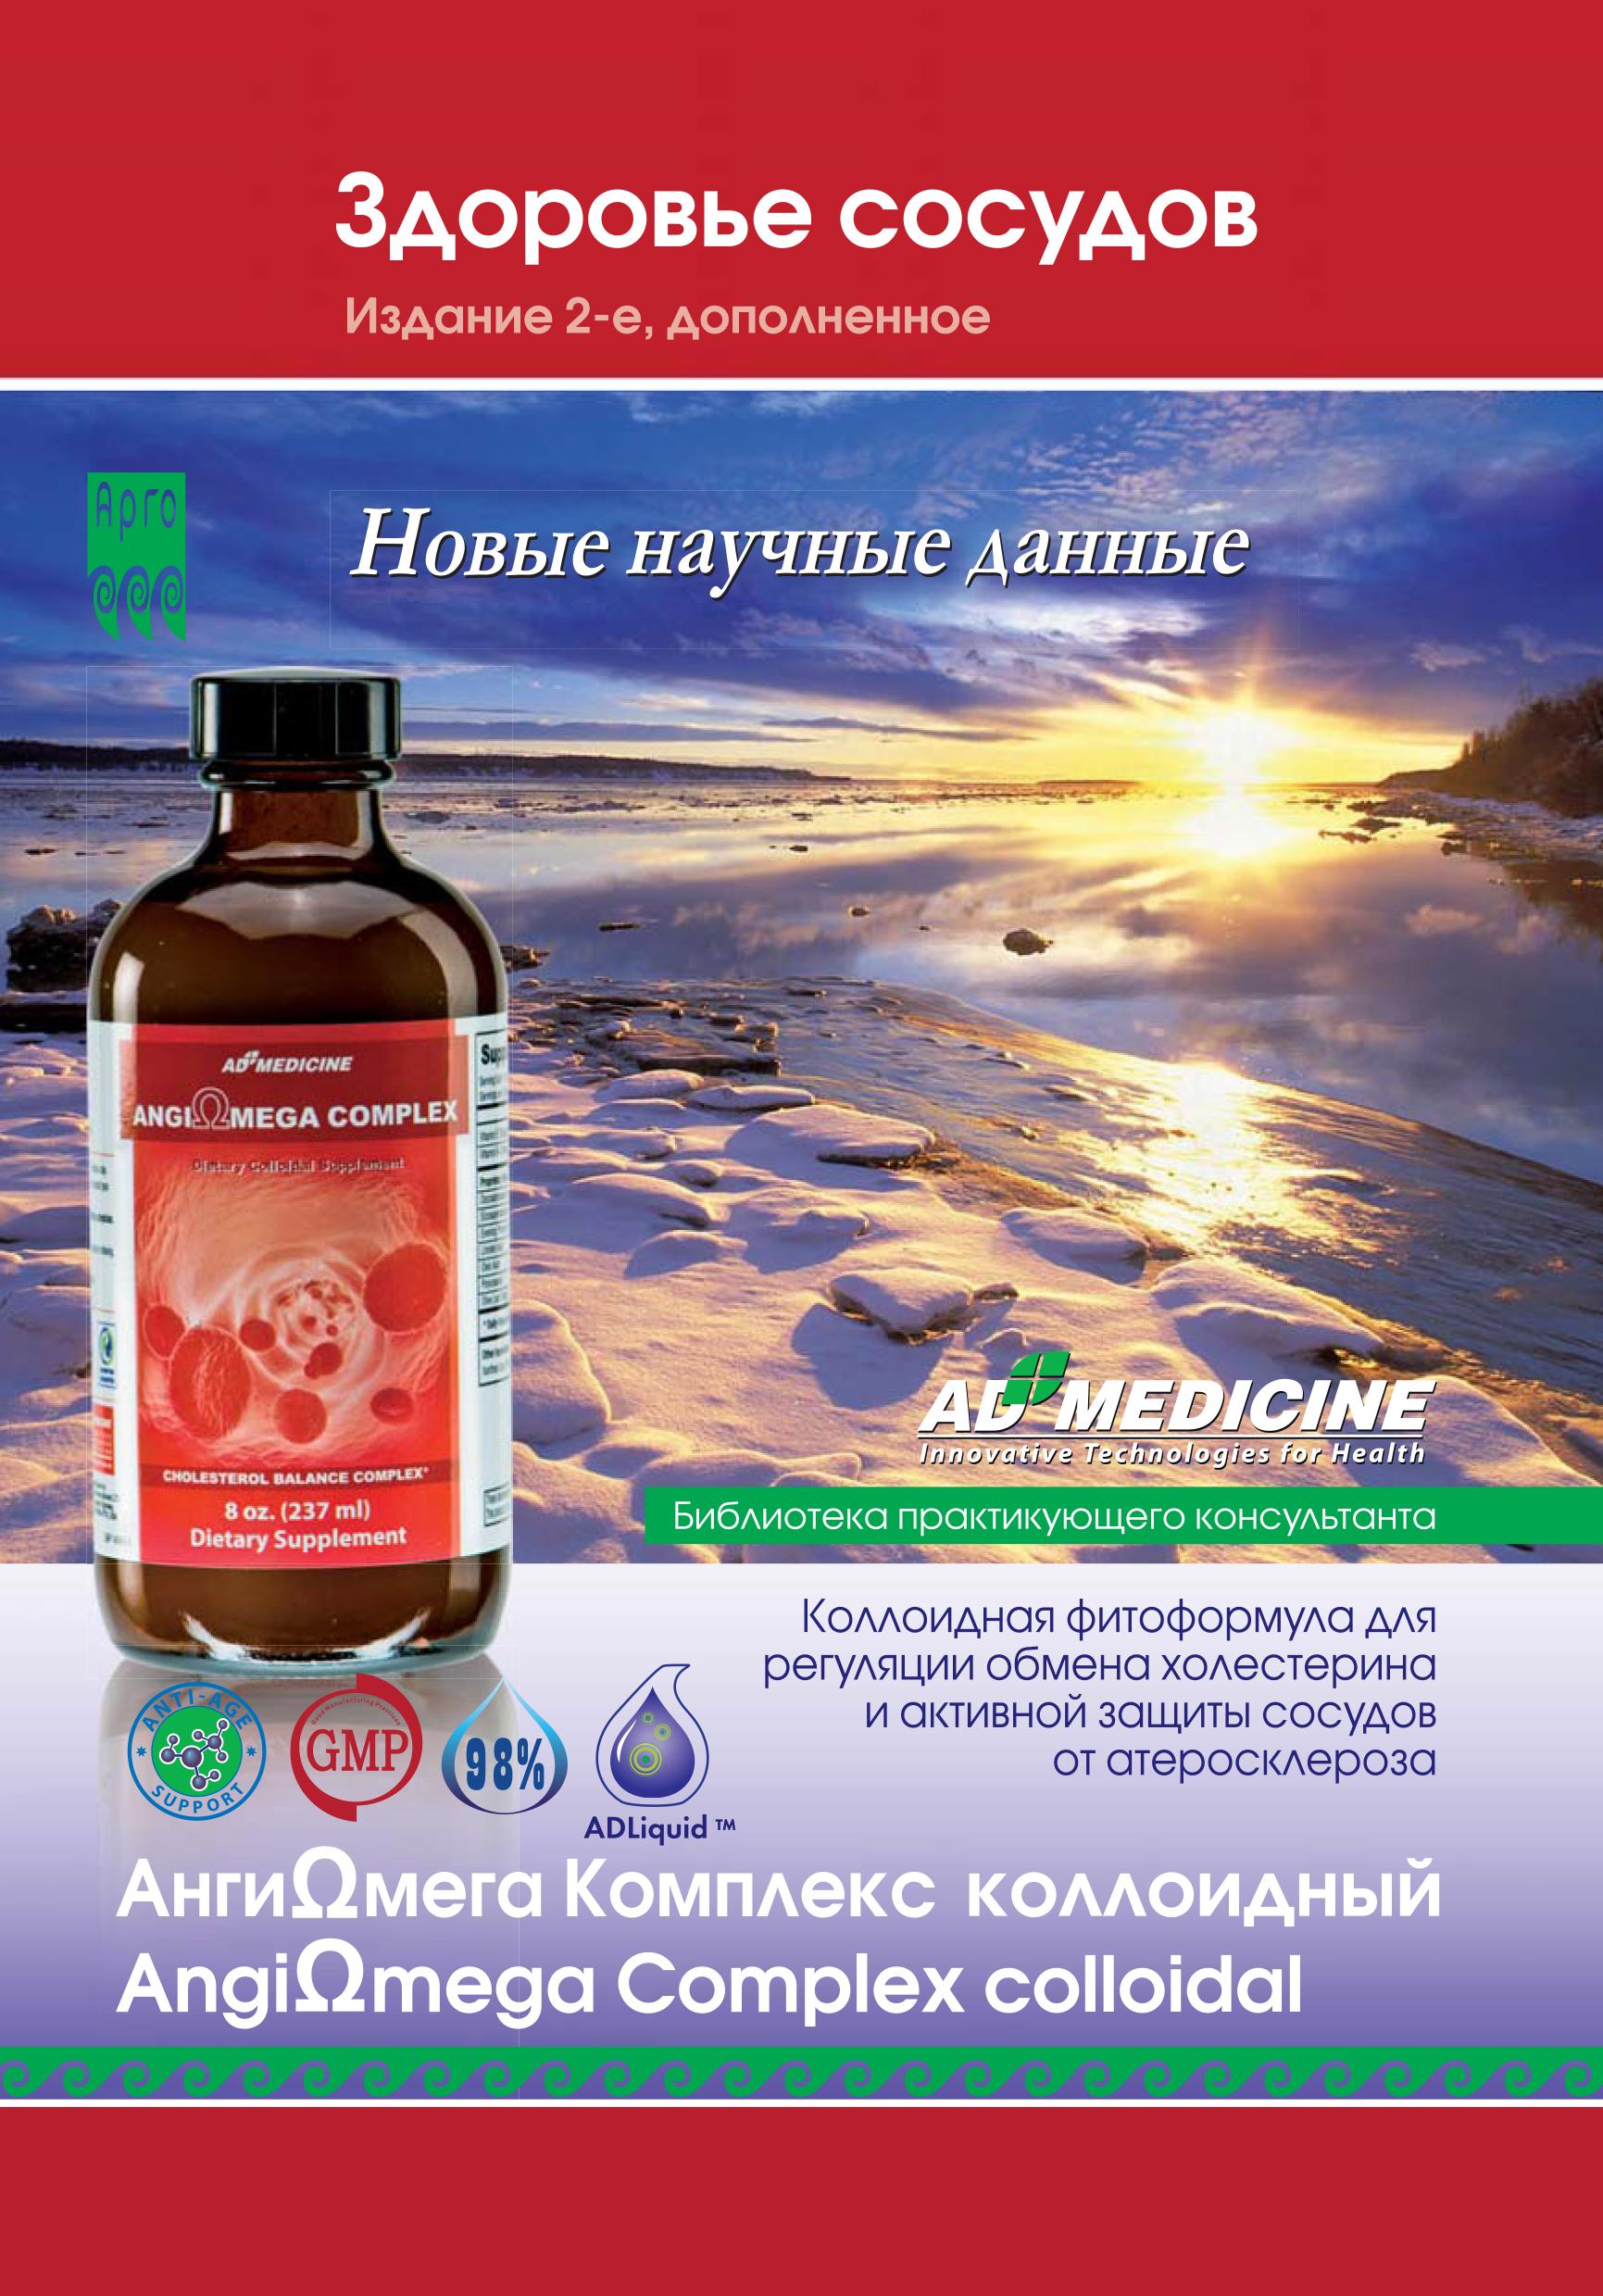 Здоровье сосудов - практика применения препарата Анги Омега